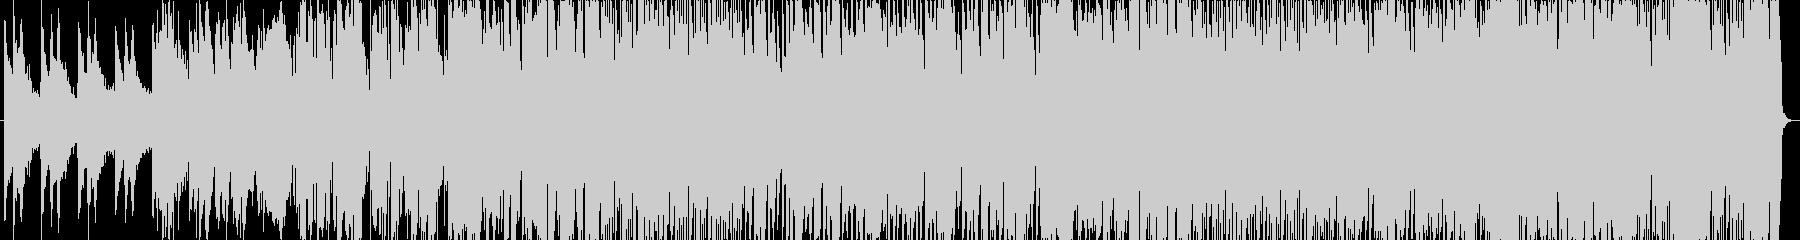 トロピカルサウンドが特徴的な歌モノEDMの未再生の波形